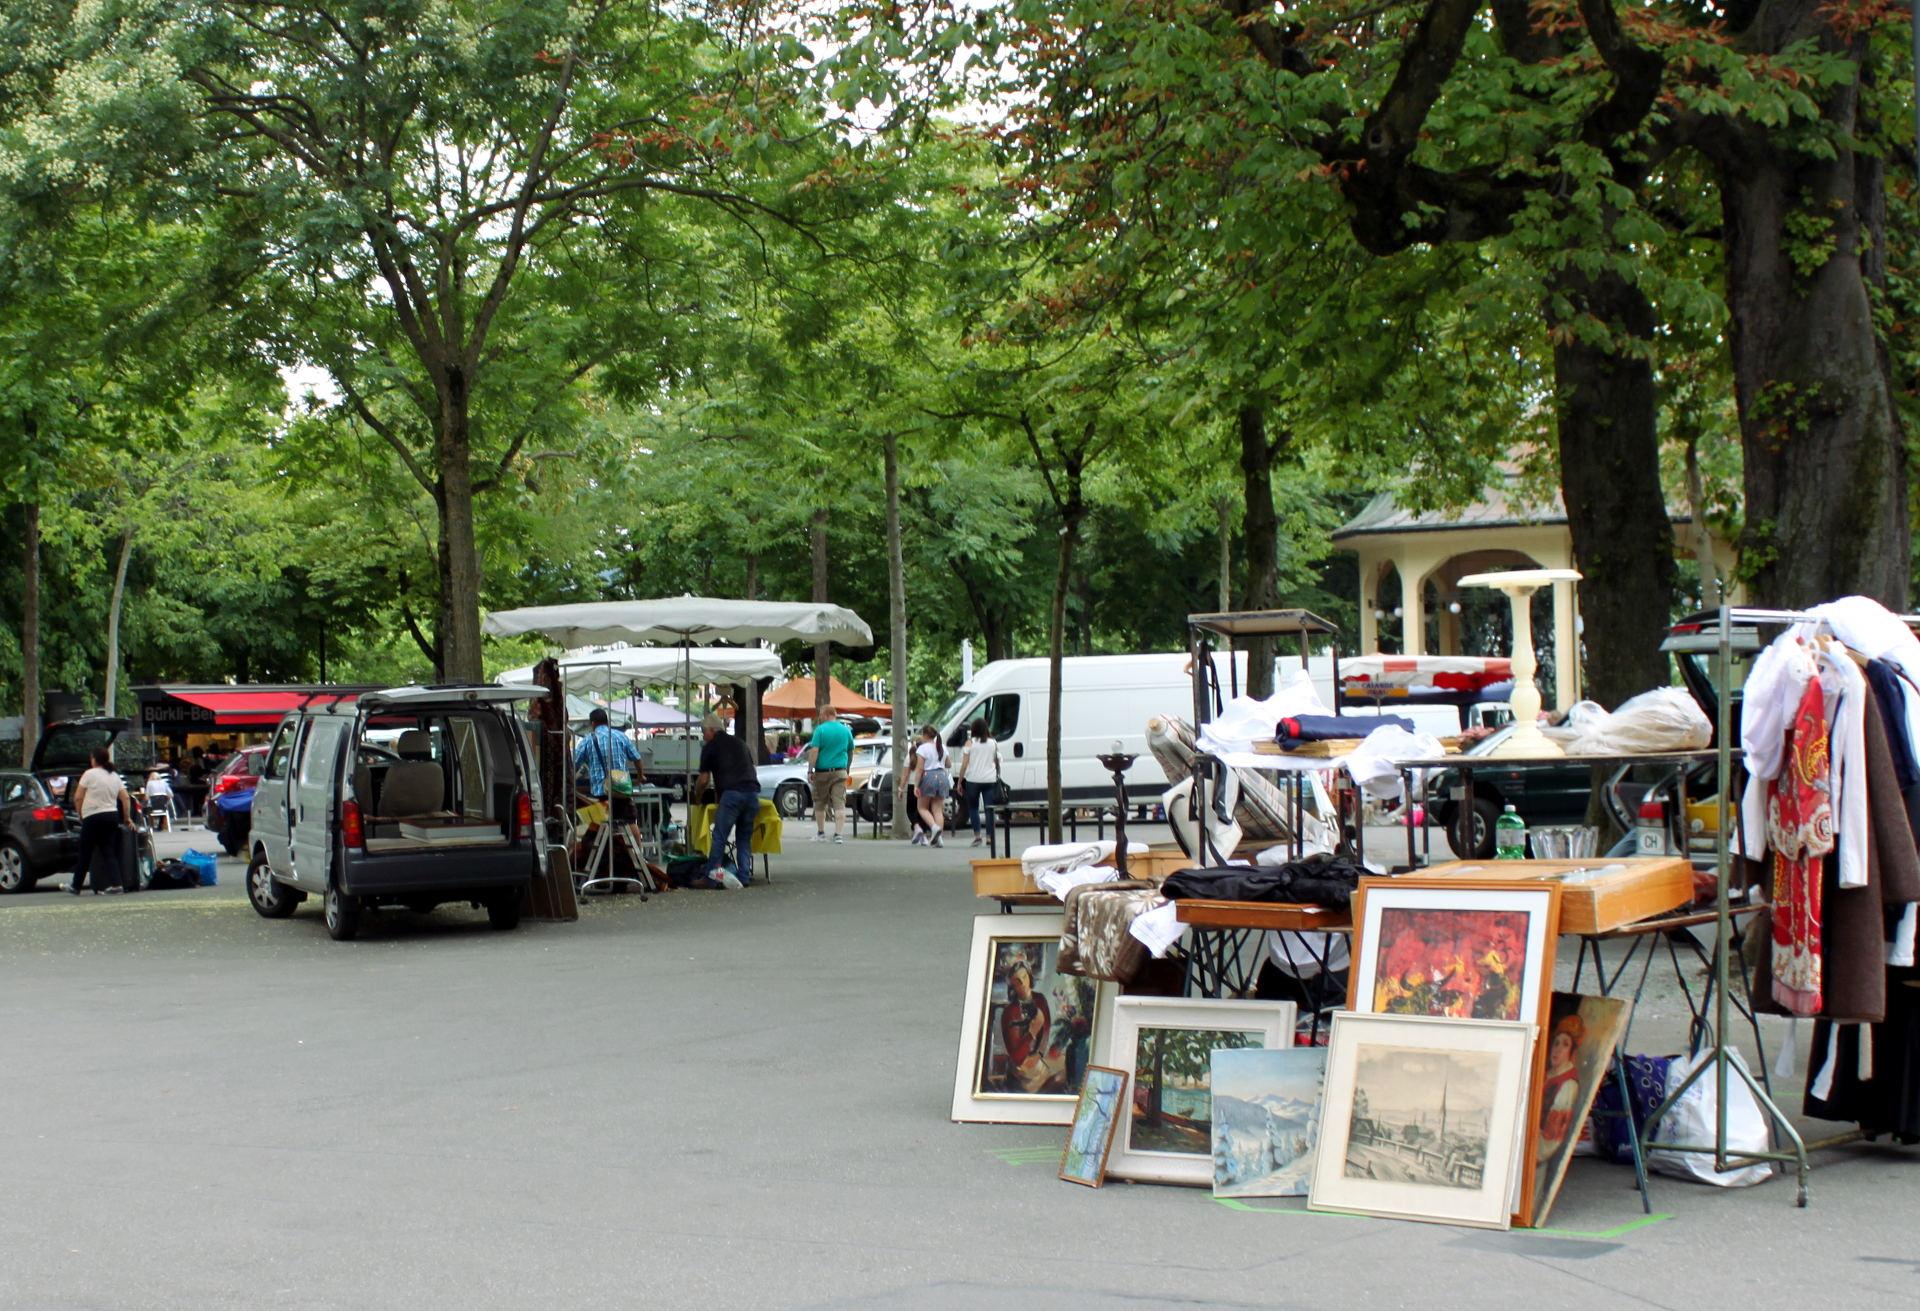 pchli targ Bürkliplatz Zurych Szwajcaria iglawpodrozy